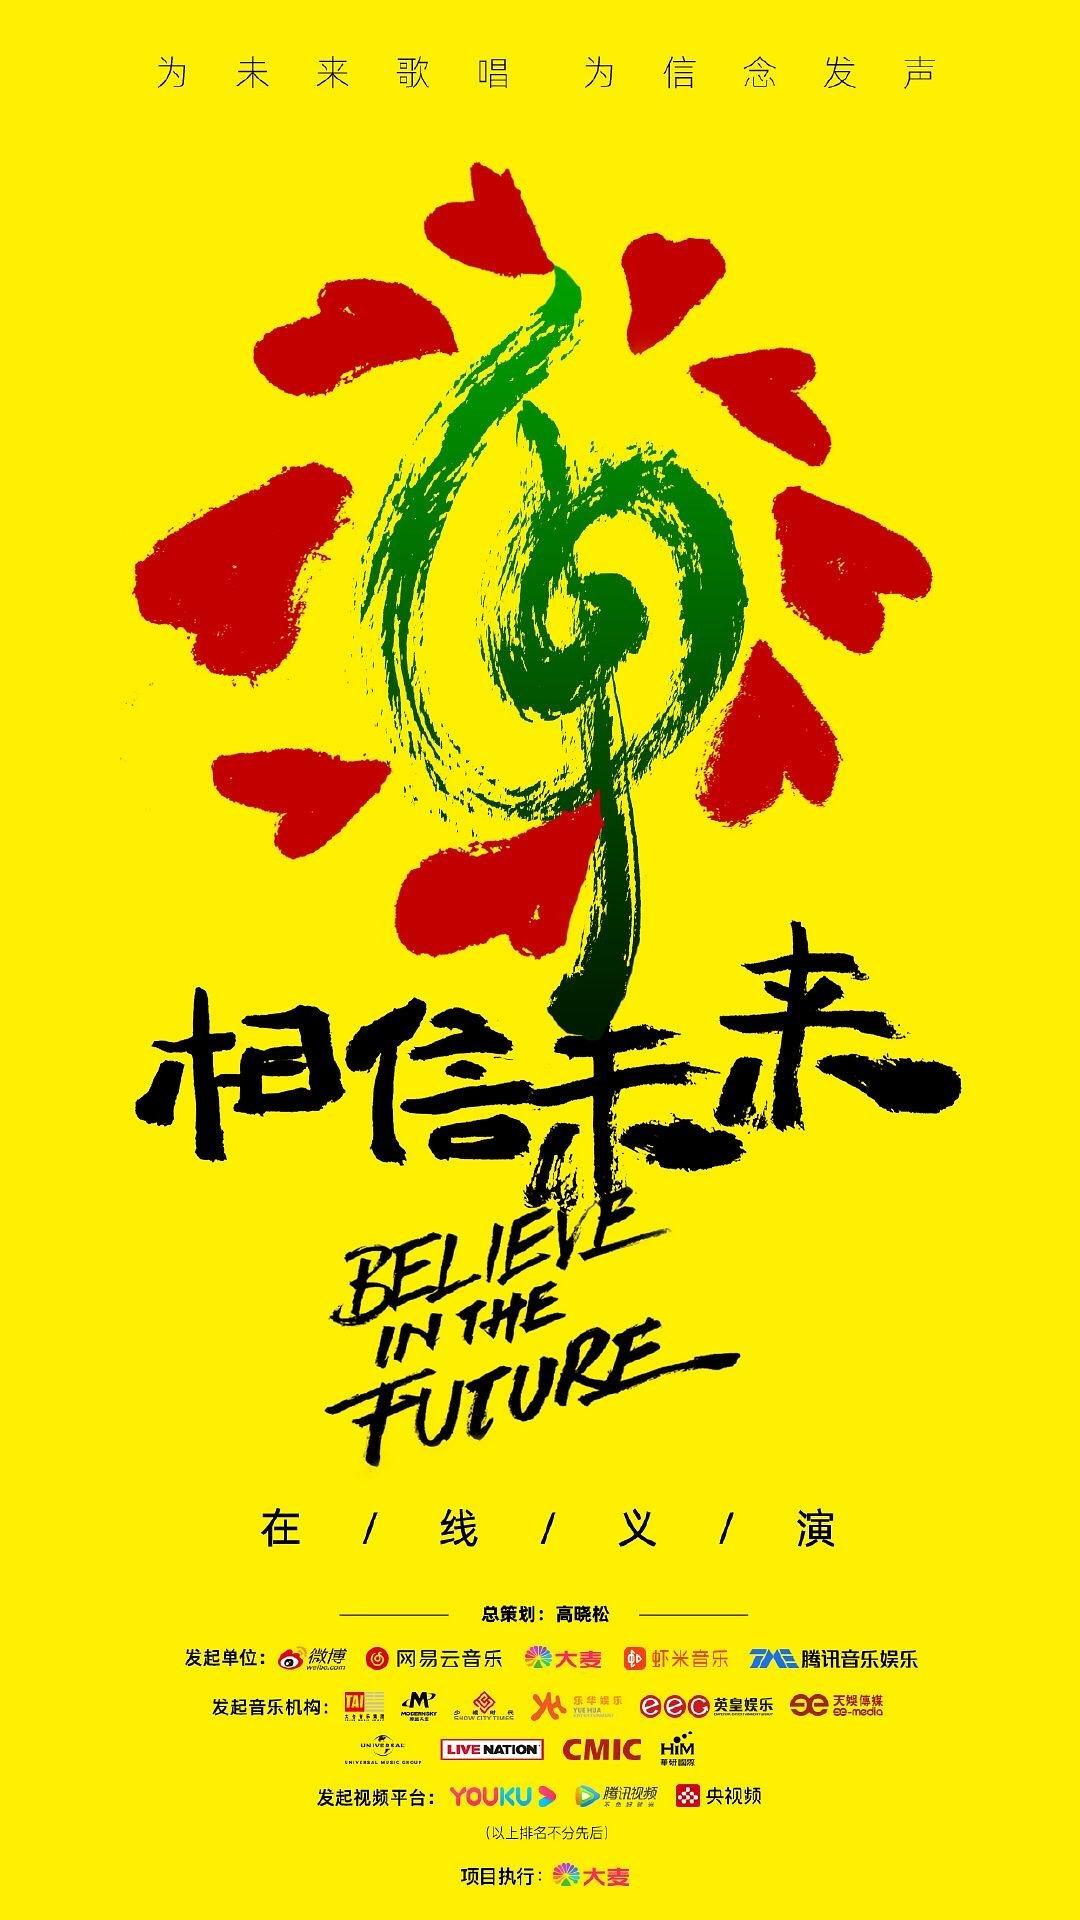 相信未来义演